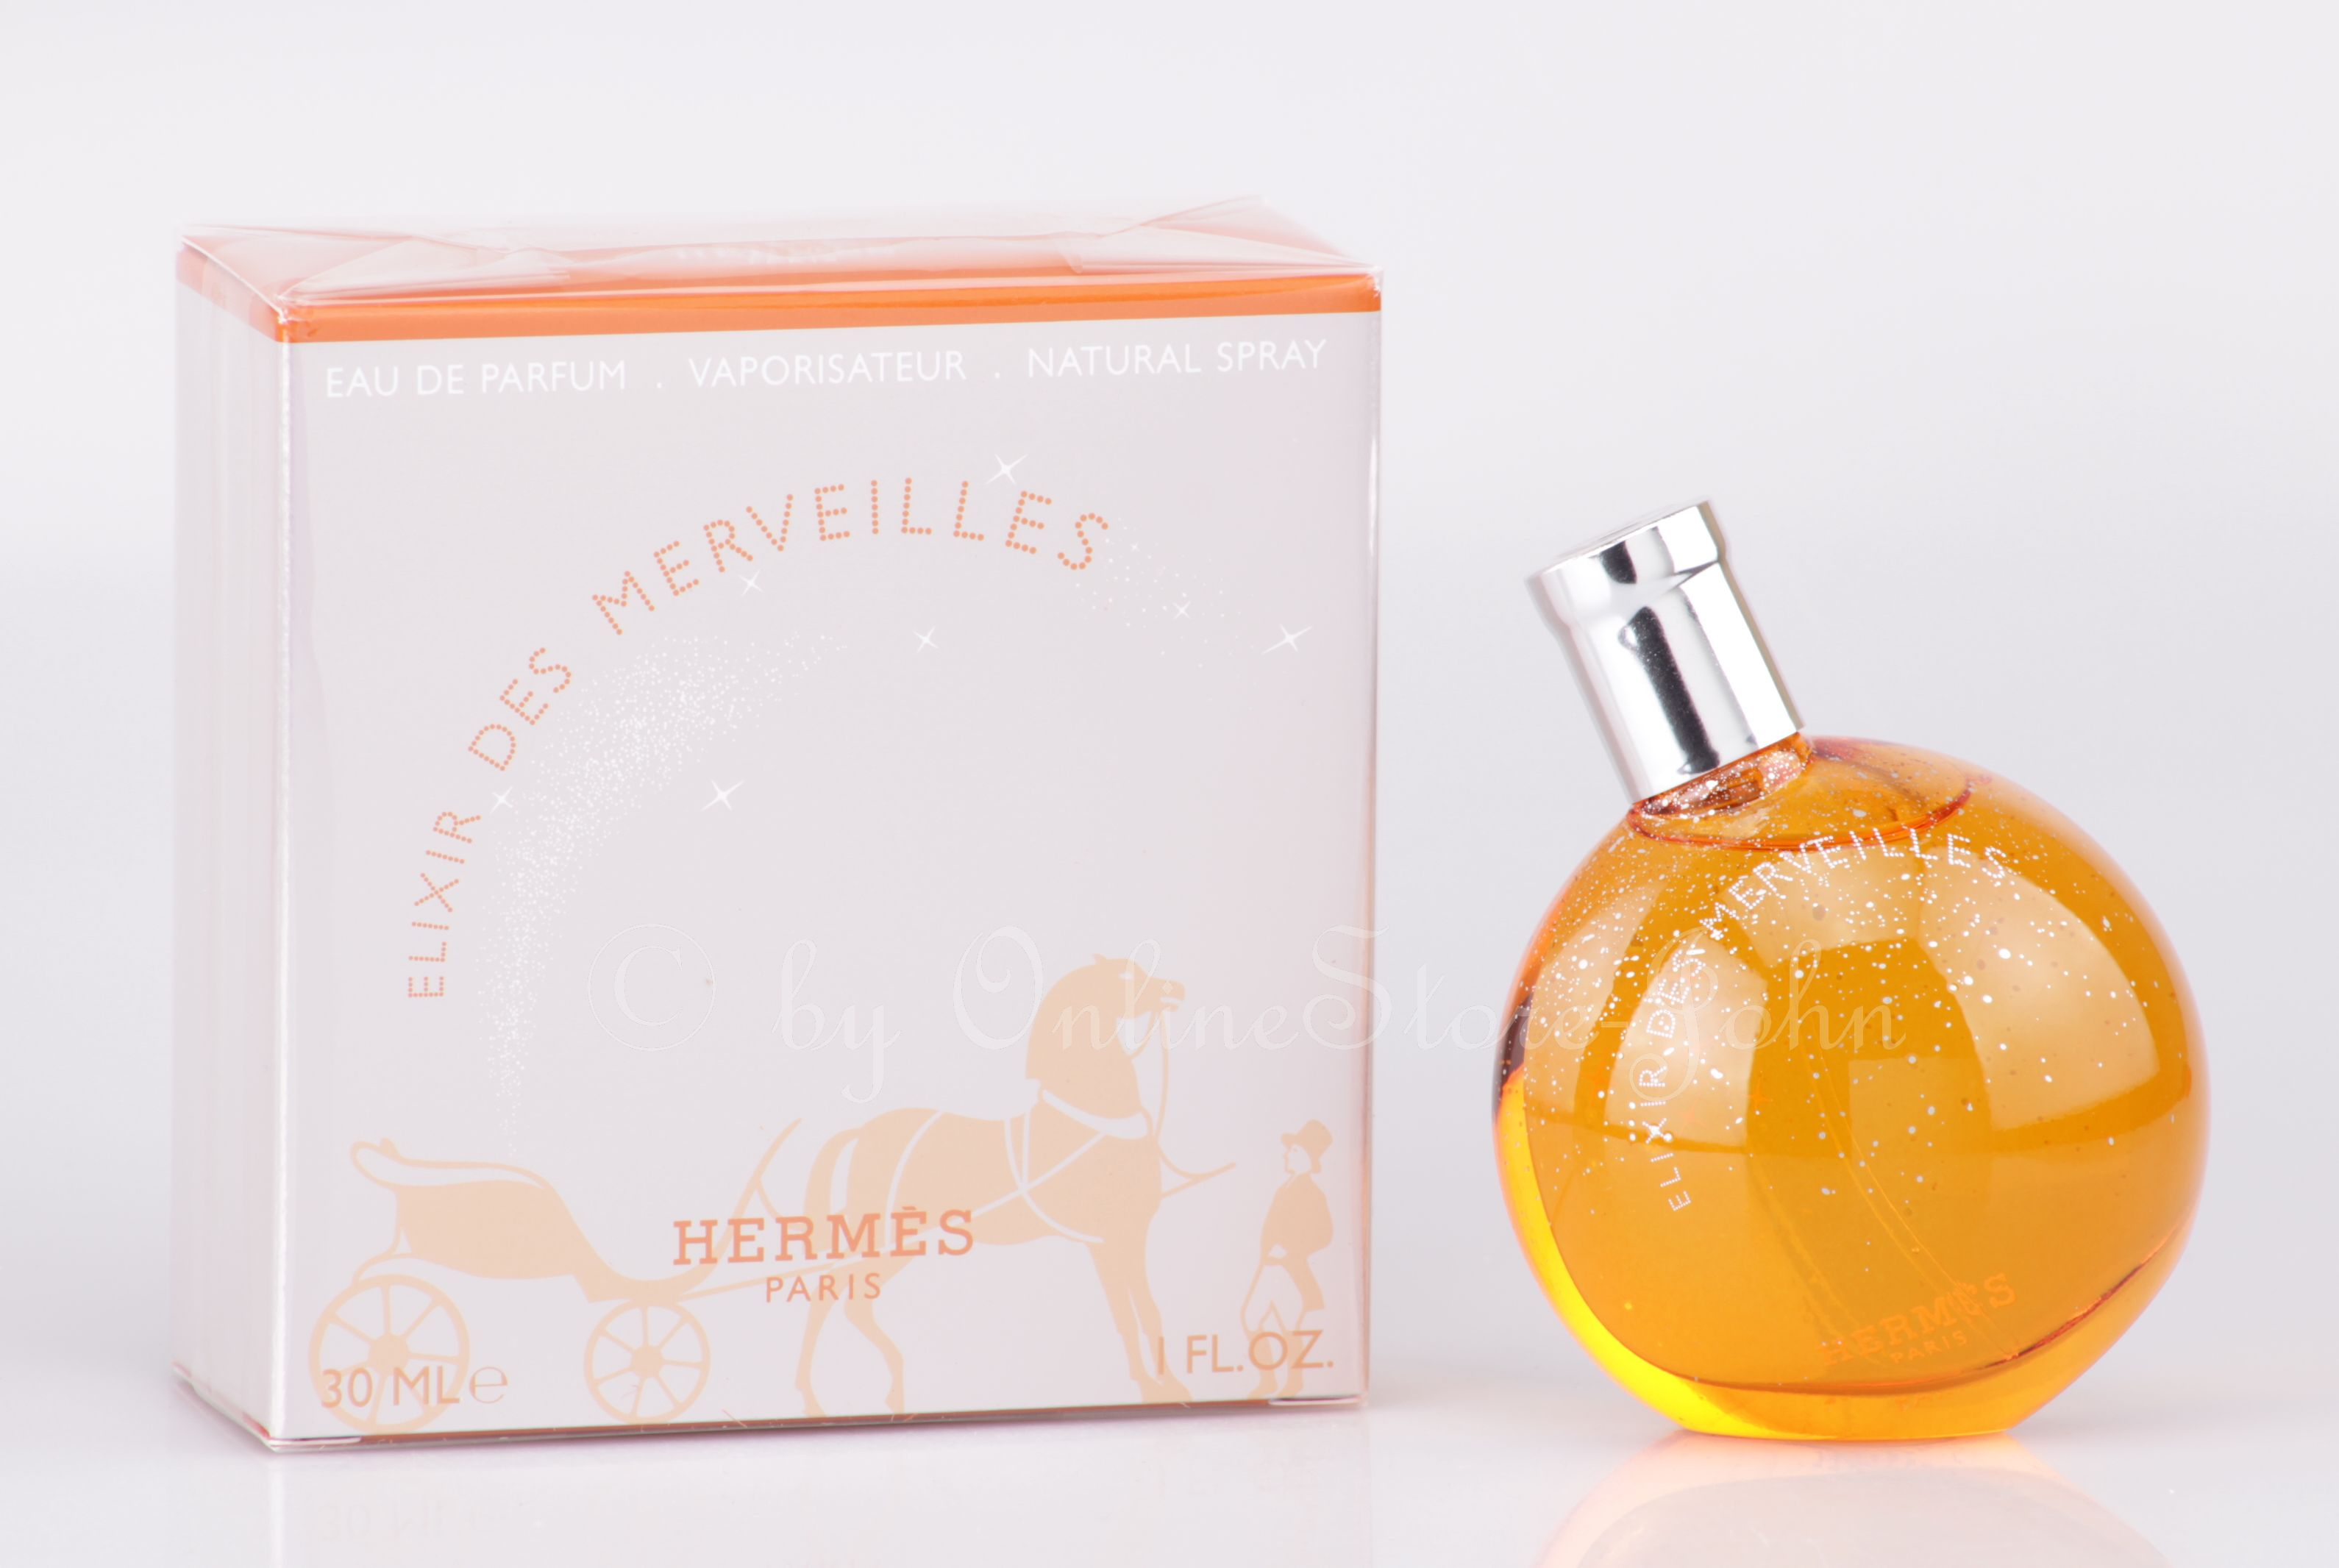 hermes elixir des merveilles 30ml edp eau de parfum. Black Bedroom Furniture Sets. Home Design Ideas